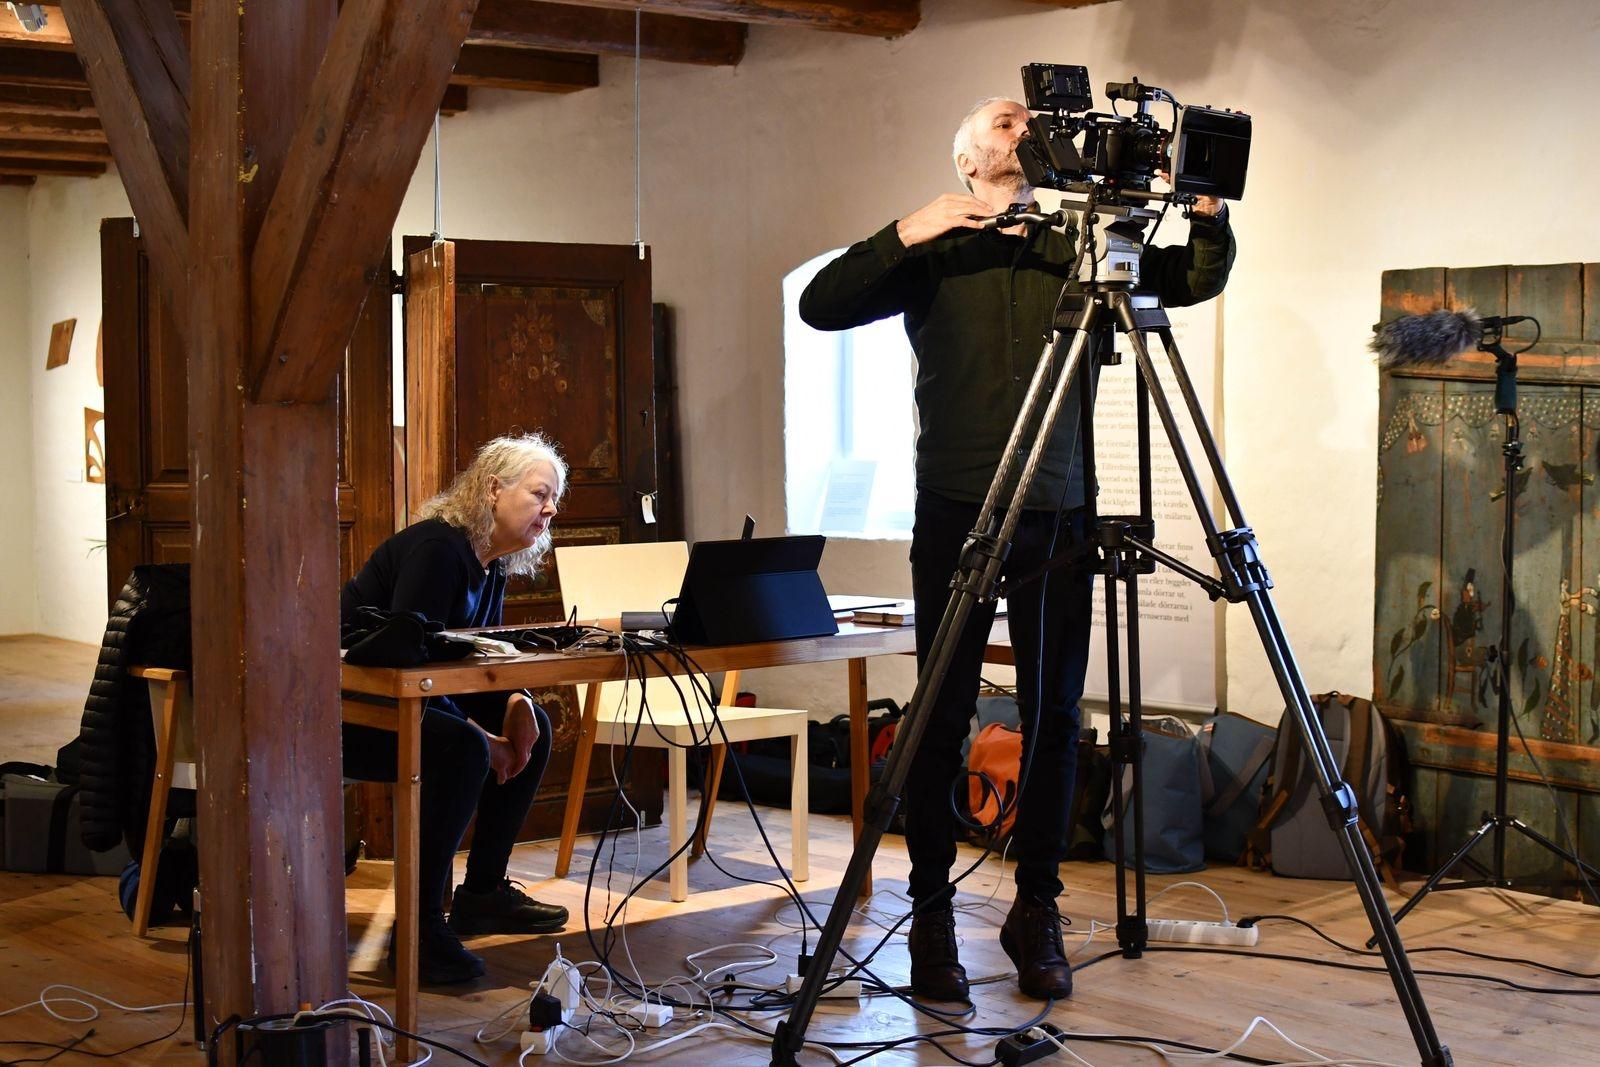 Museet har ett proffsigt team till hjälp med livesändning och filminspelning - Boel Marie Larsson och Mårten Hård.